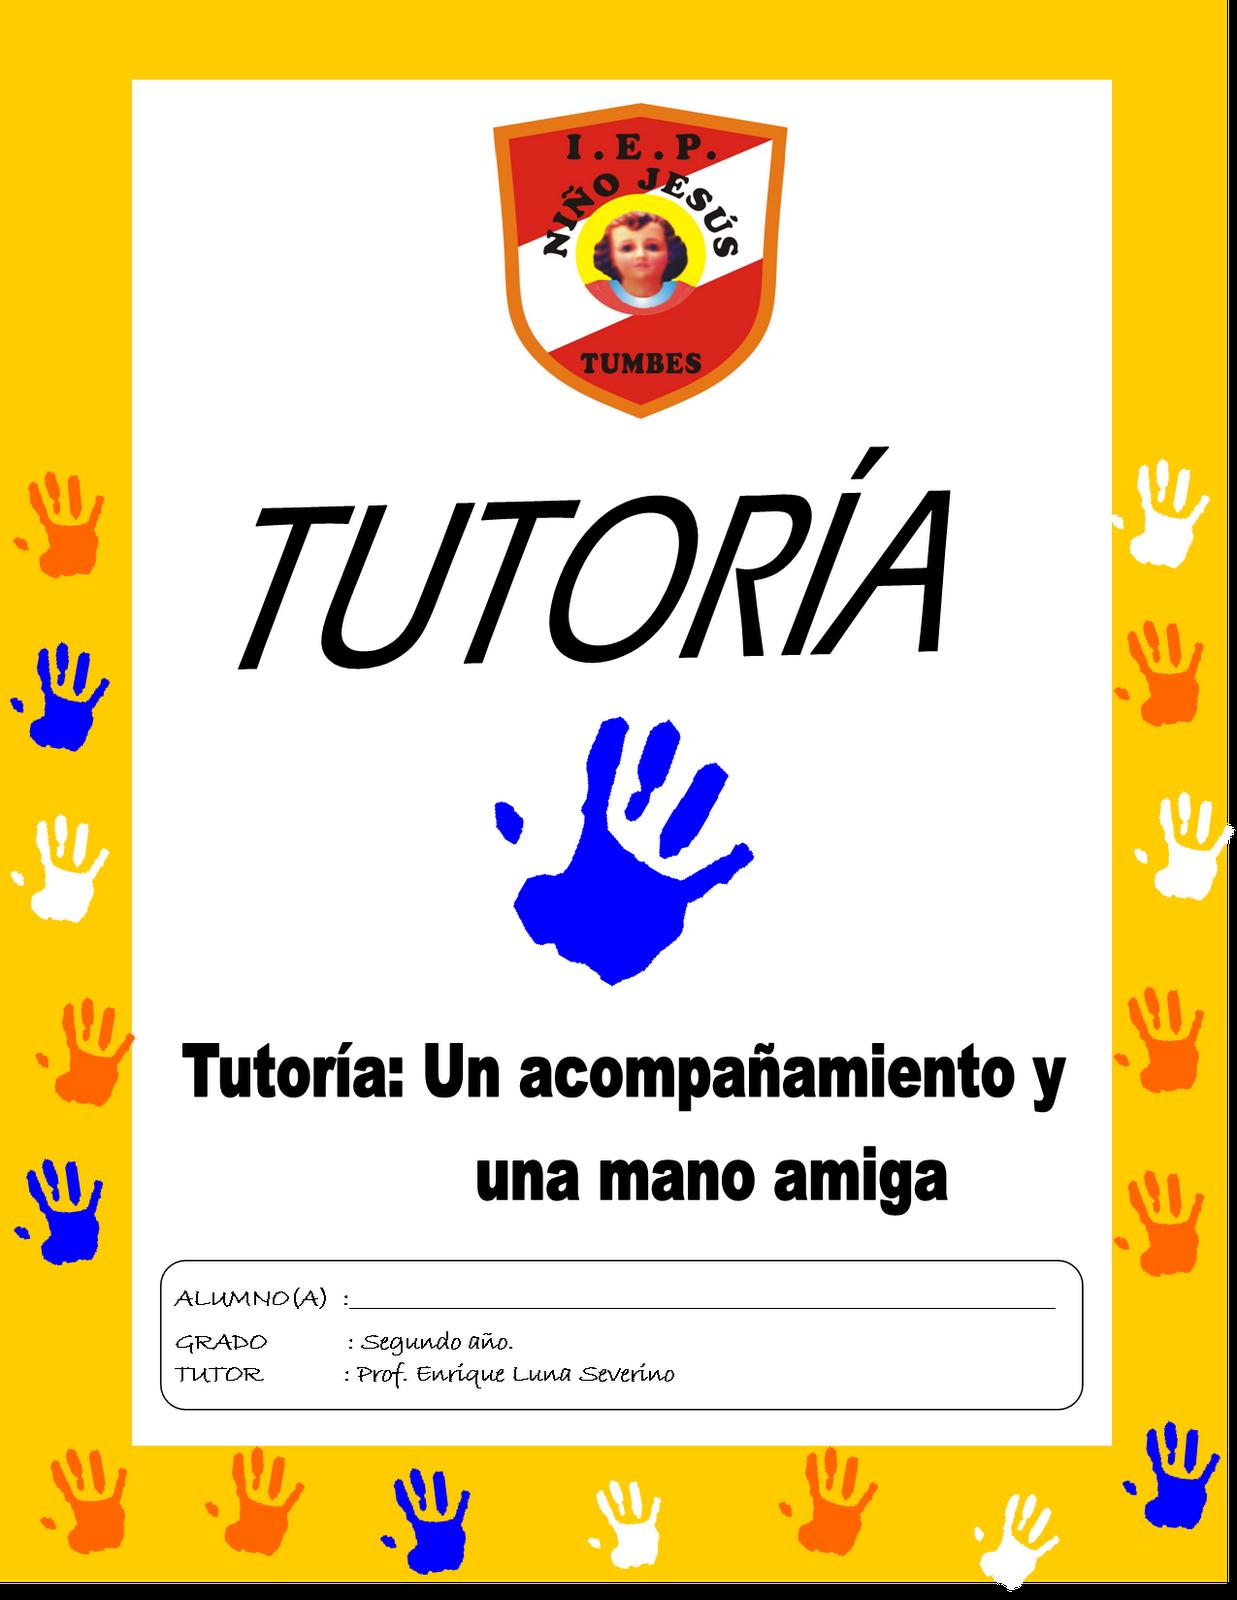 PORTADA DE FOLDER PARA TUTORÍA